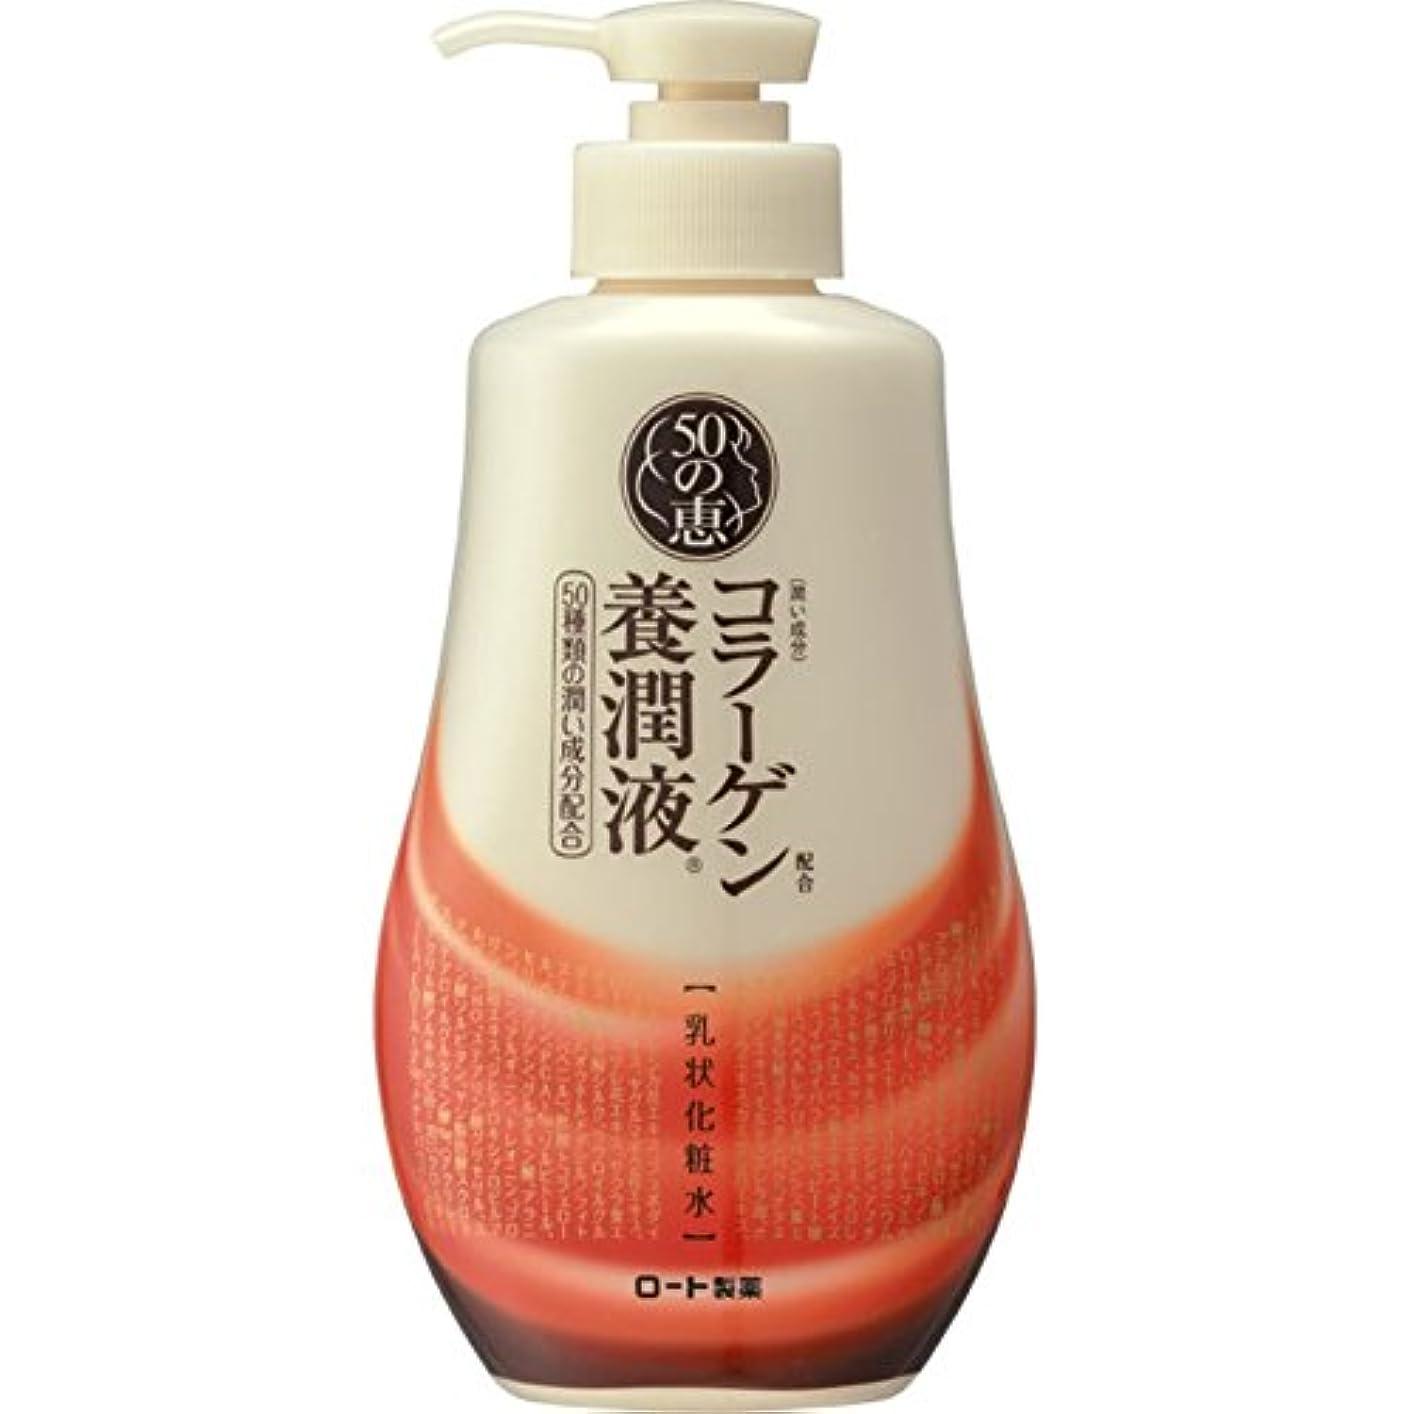 ロート製薬 50の恵エイジングケア 養潤成分50種類配合 養潤液 オールインワン 230mL